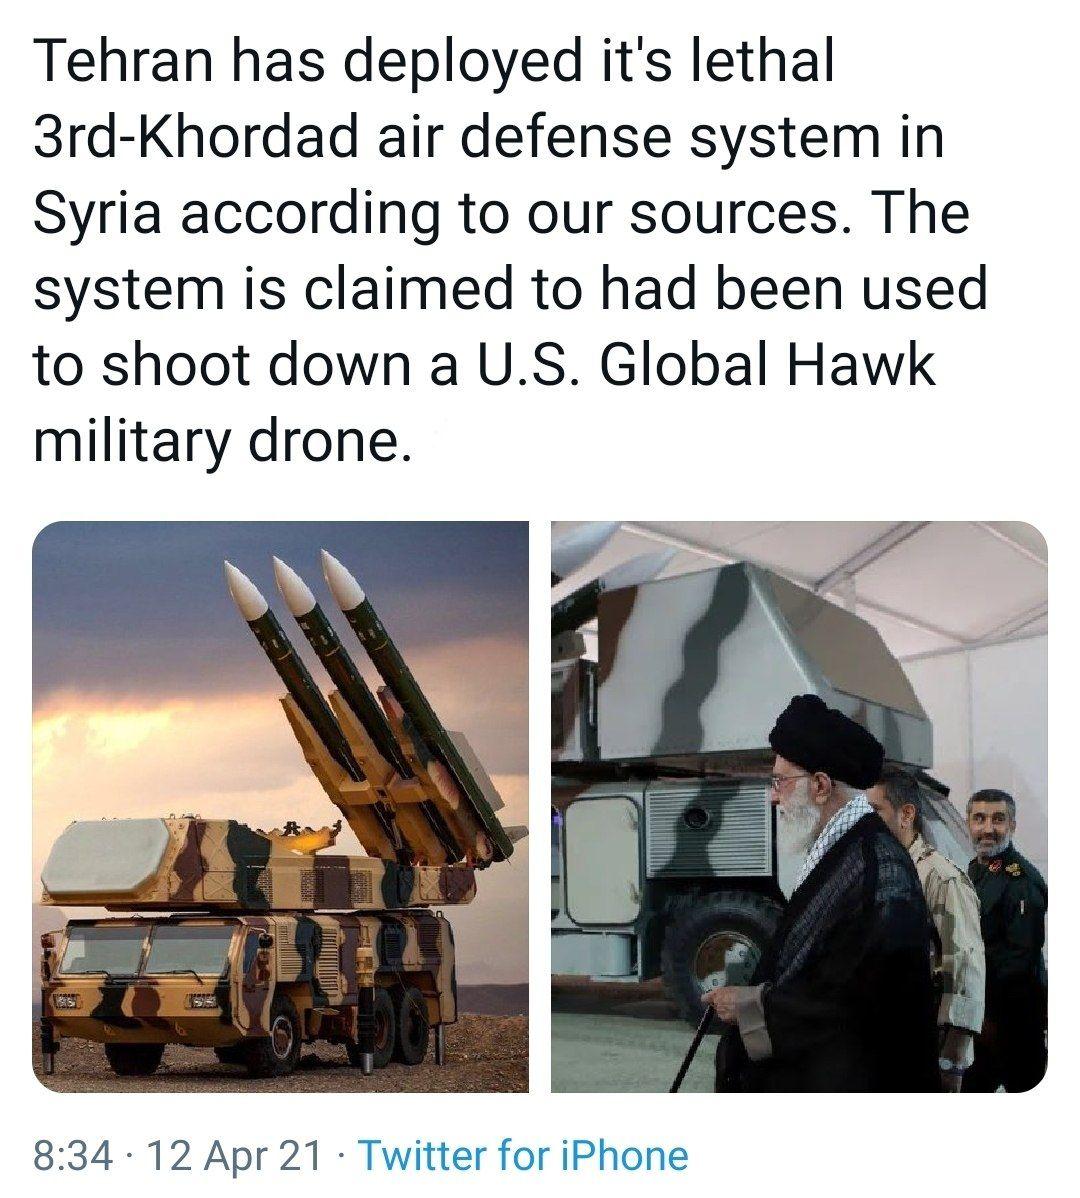 İRAN SURİYE'YE HORDAD-3 HAVA SAVUNMA SİSTEMLERİNİ KONUŞLANDIRDI MI?